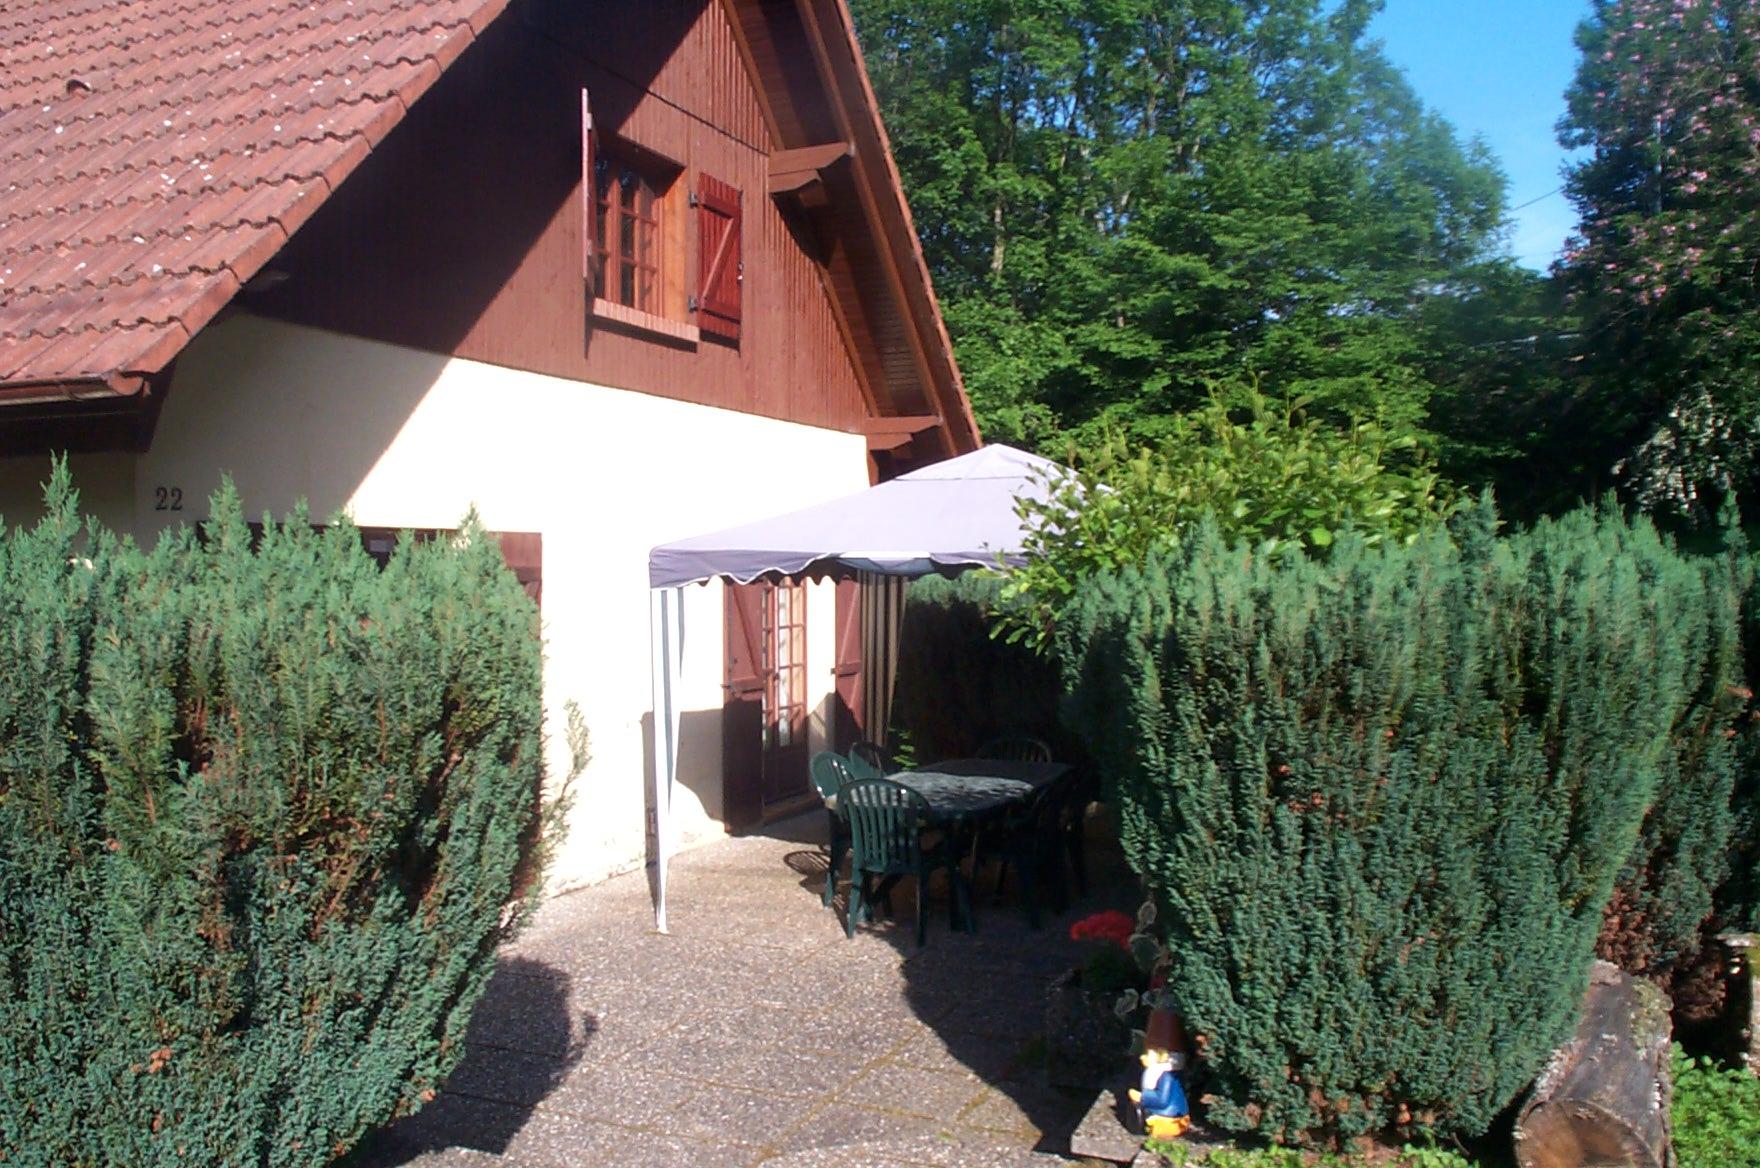 Ref. 1255 – Maison type chalet sur 19,60 ares